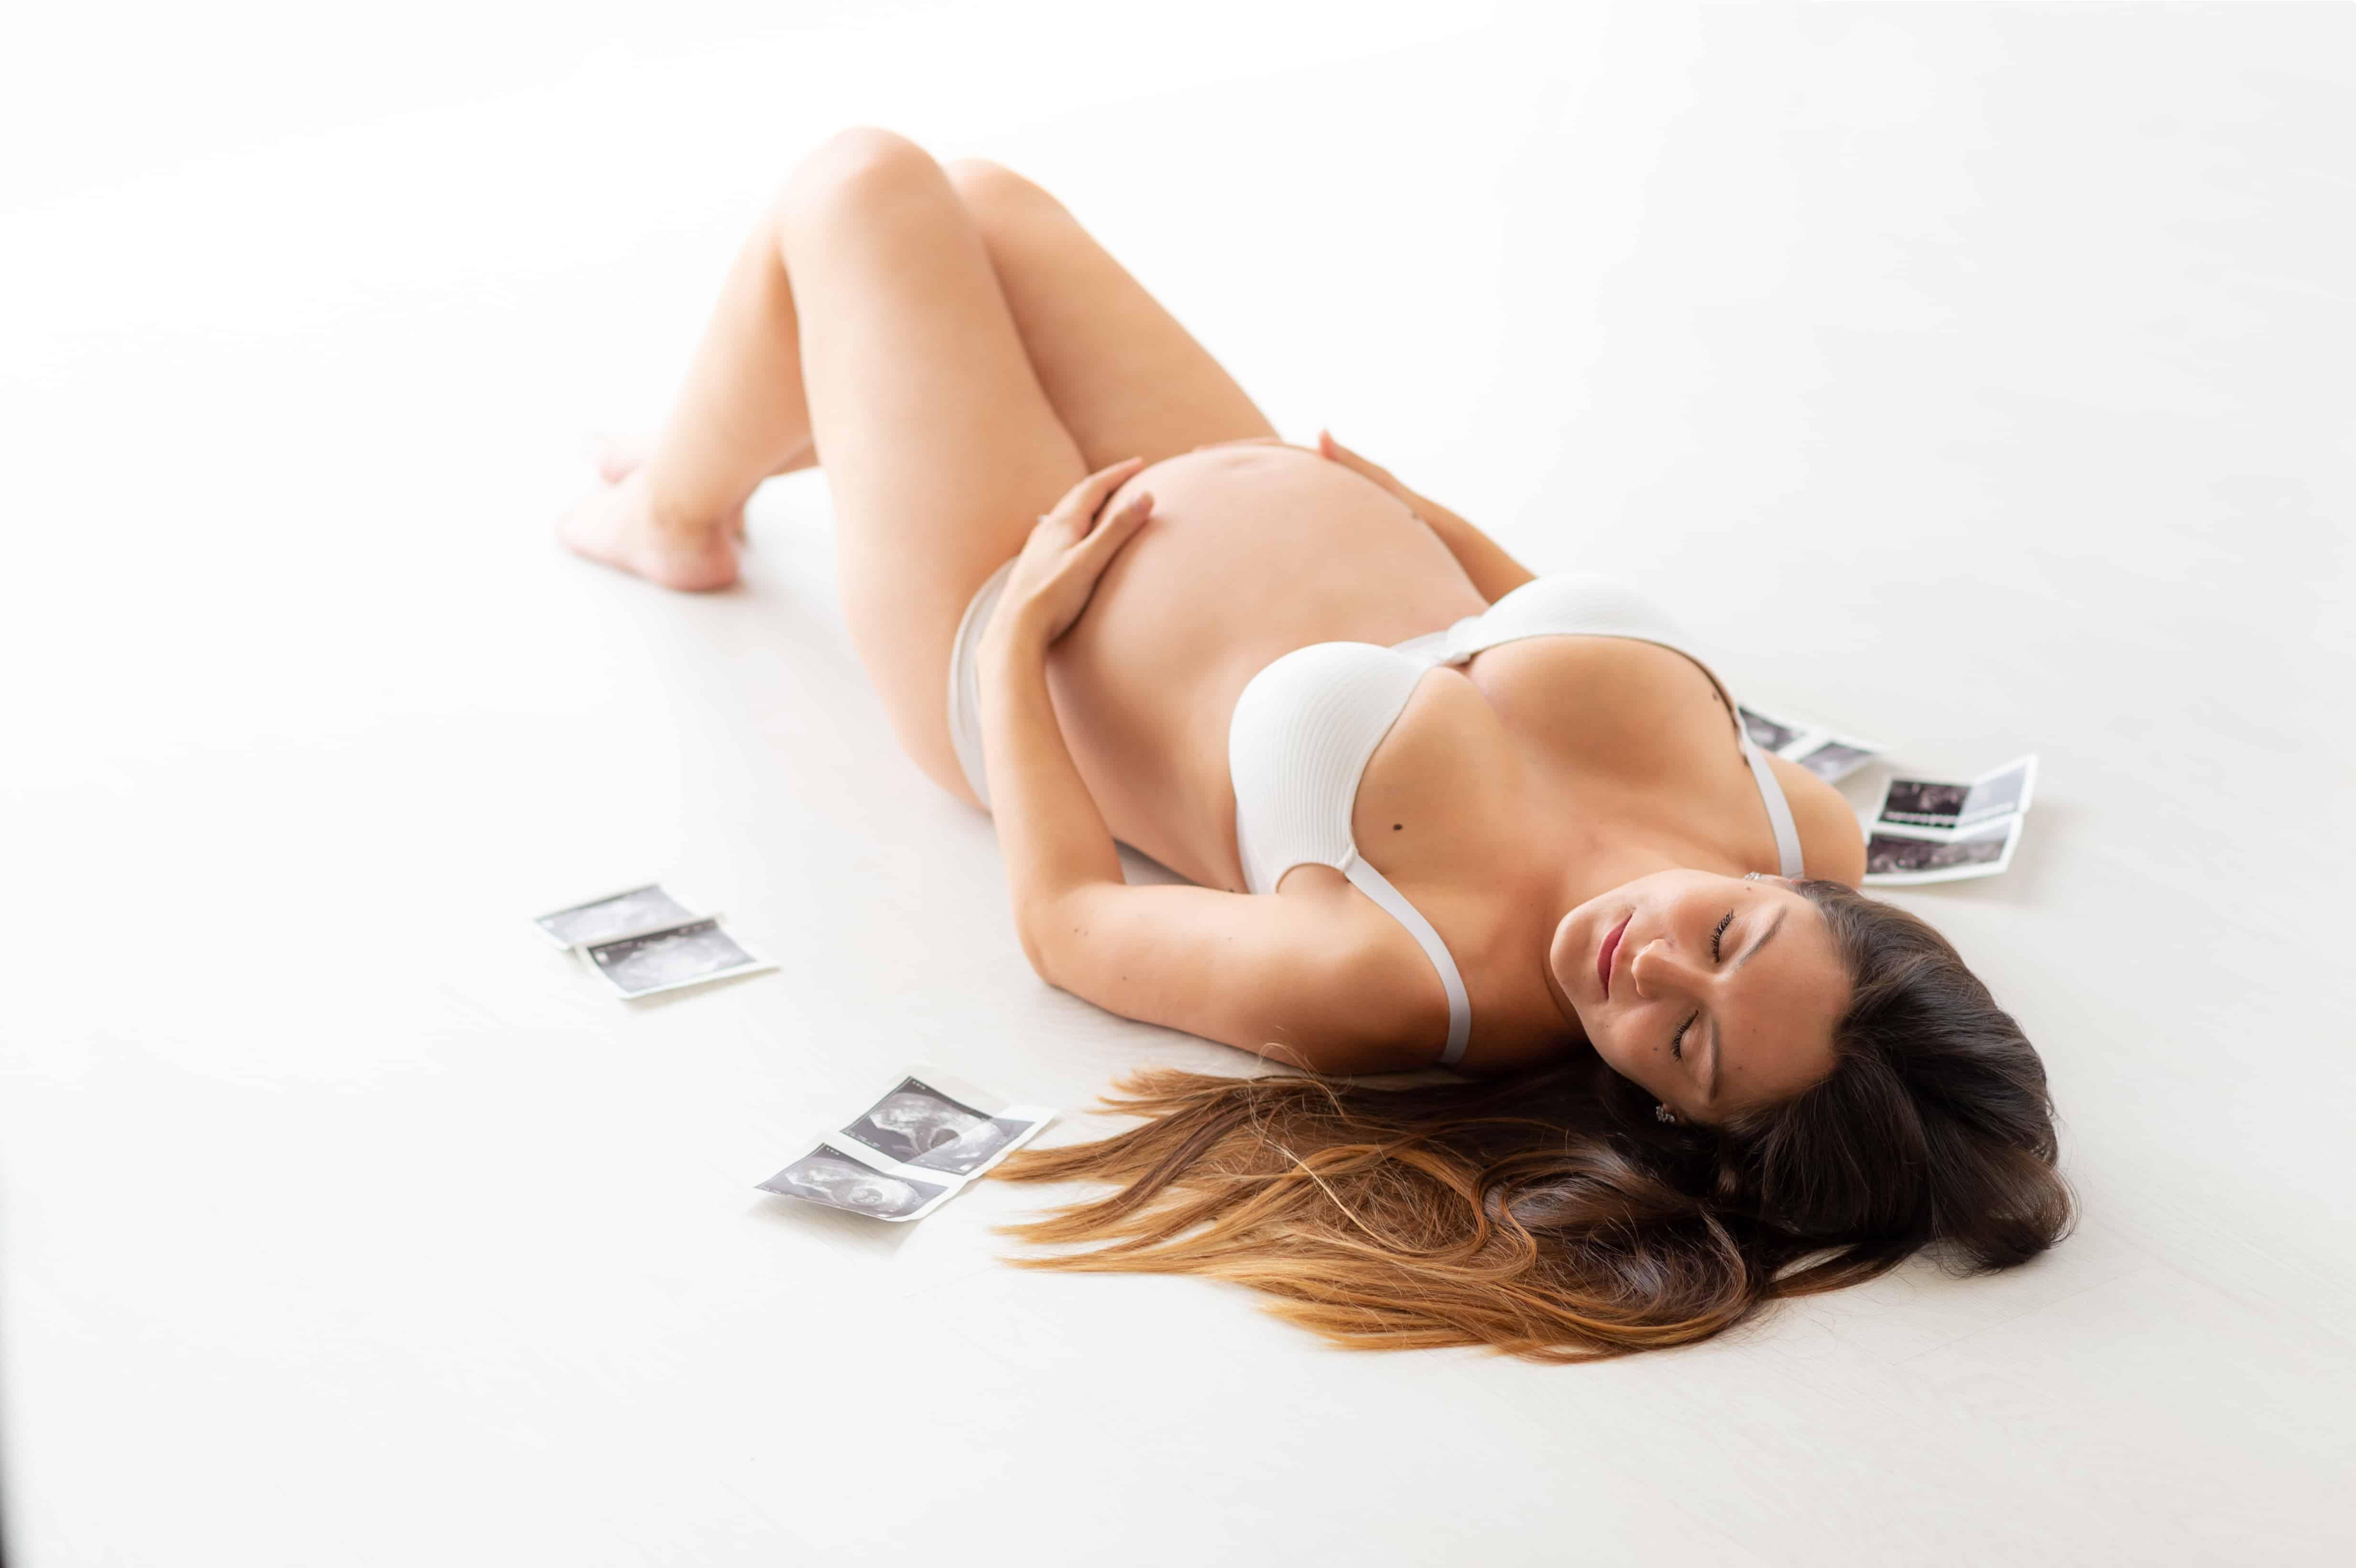 sesion-fotos-premama-embarazada (34)